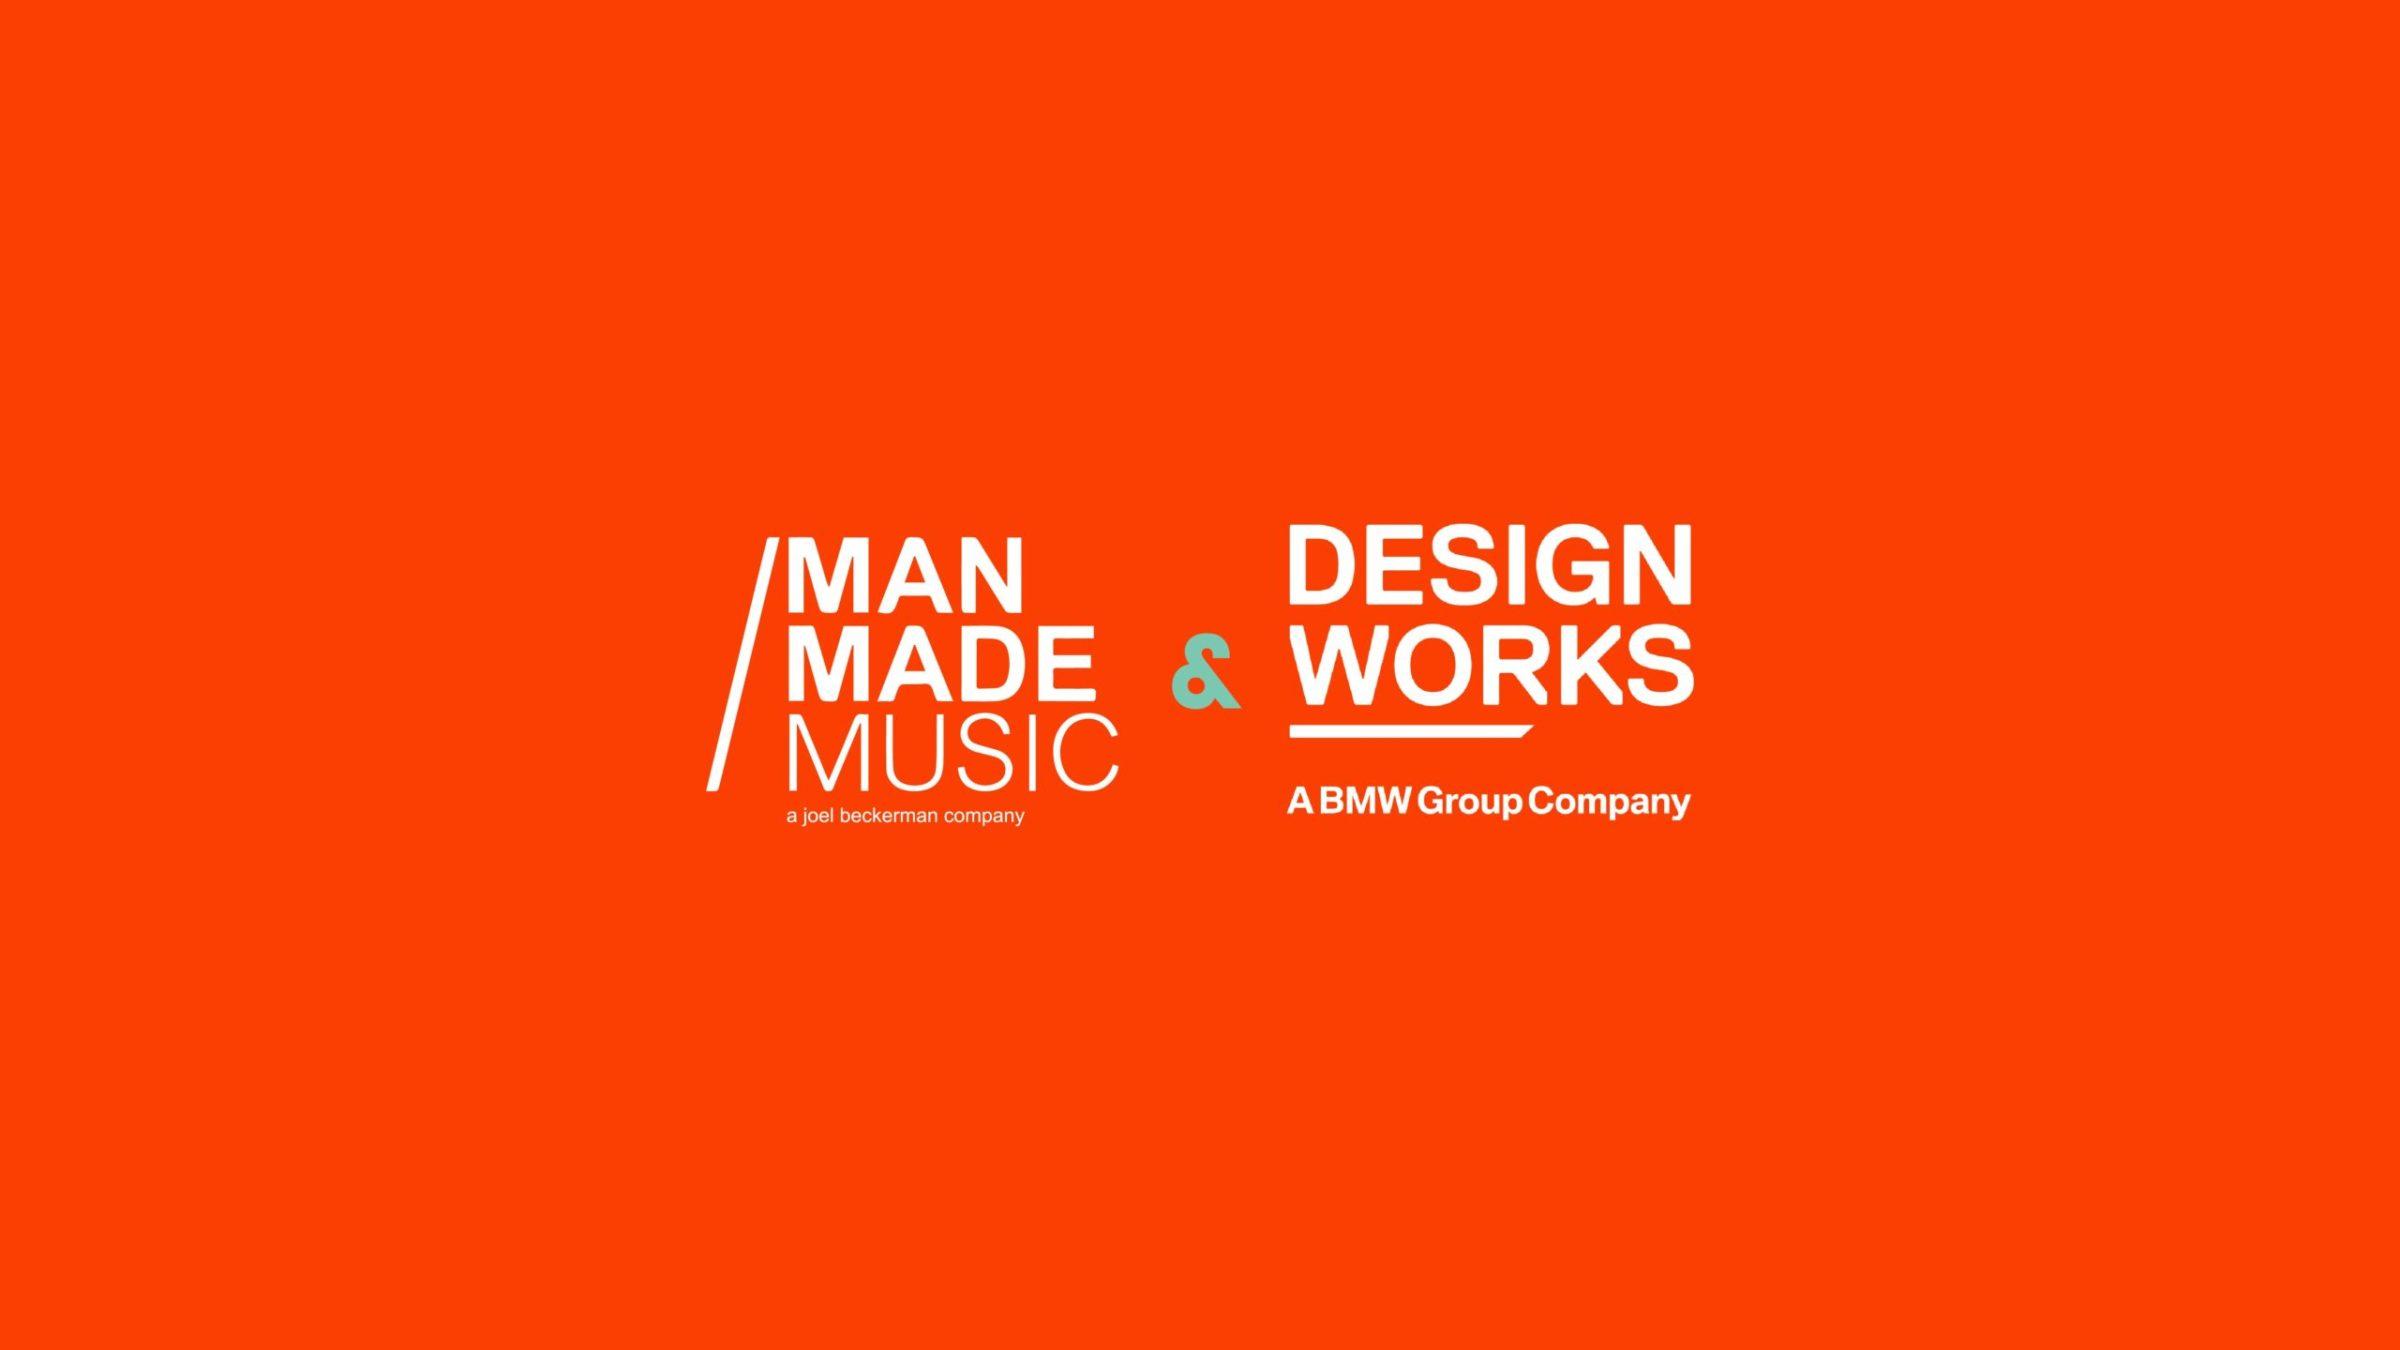 Man Made Music + Designworks Logos